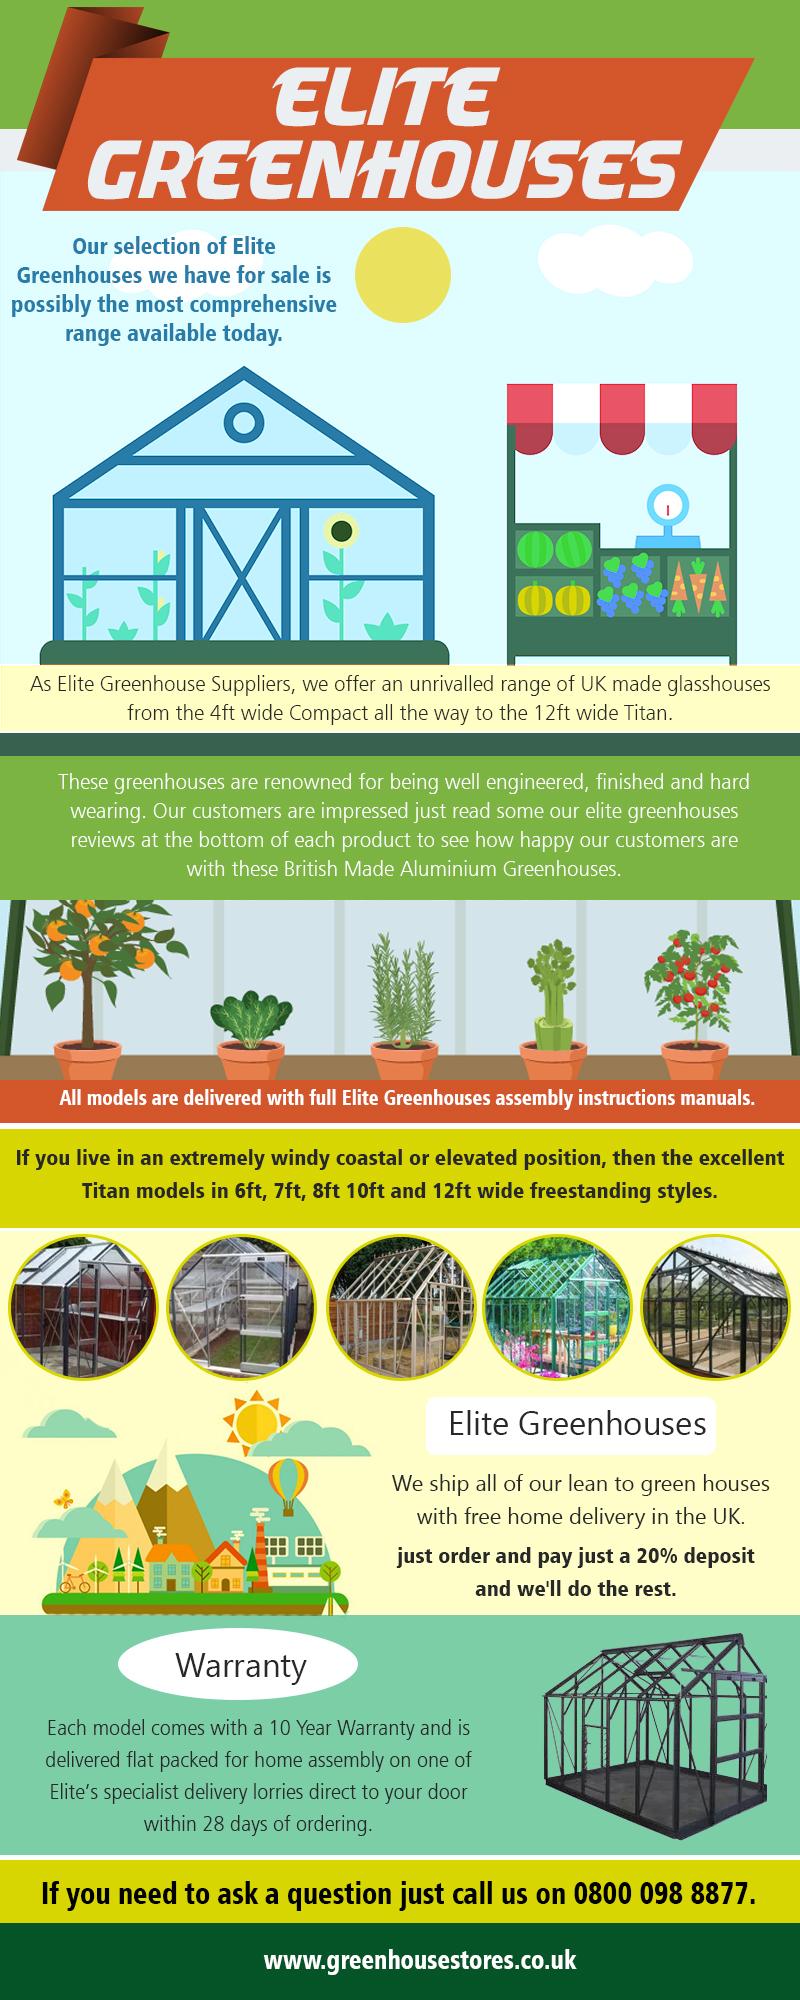 Elite Greenhouses